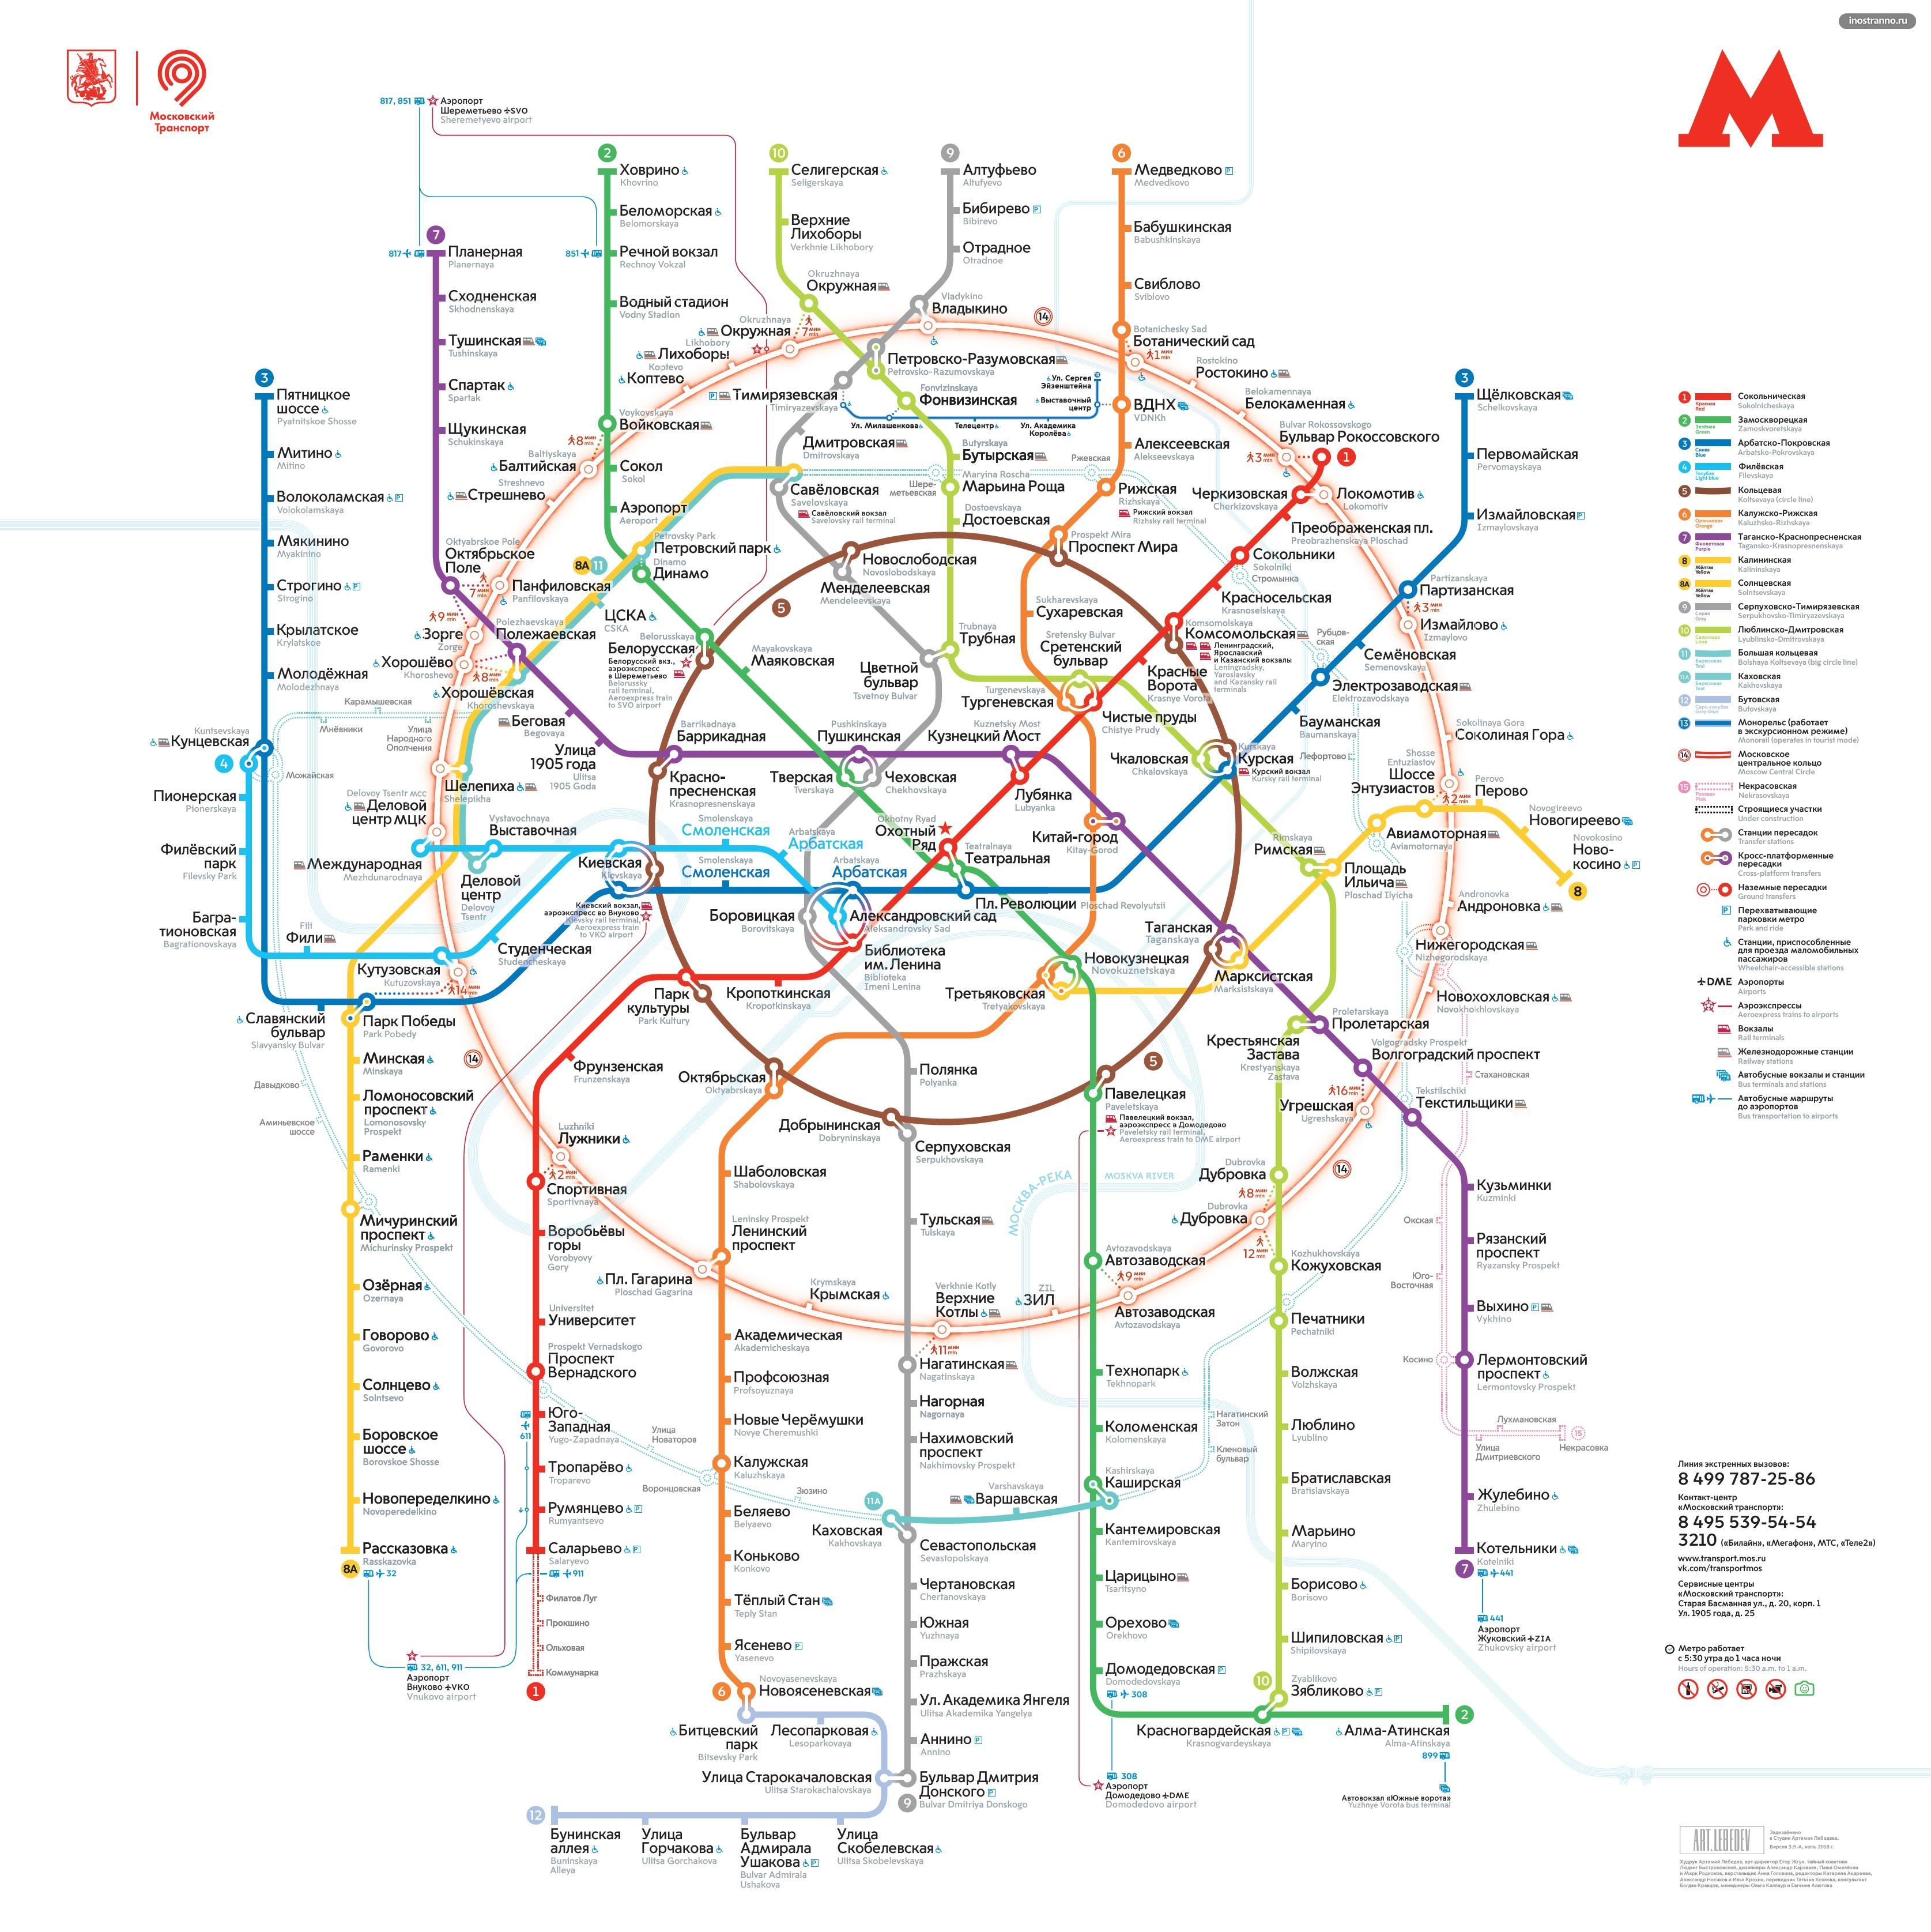 Ката схема метро Москвы 2019 год